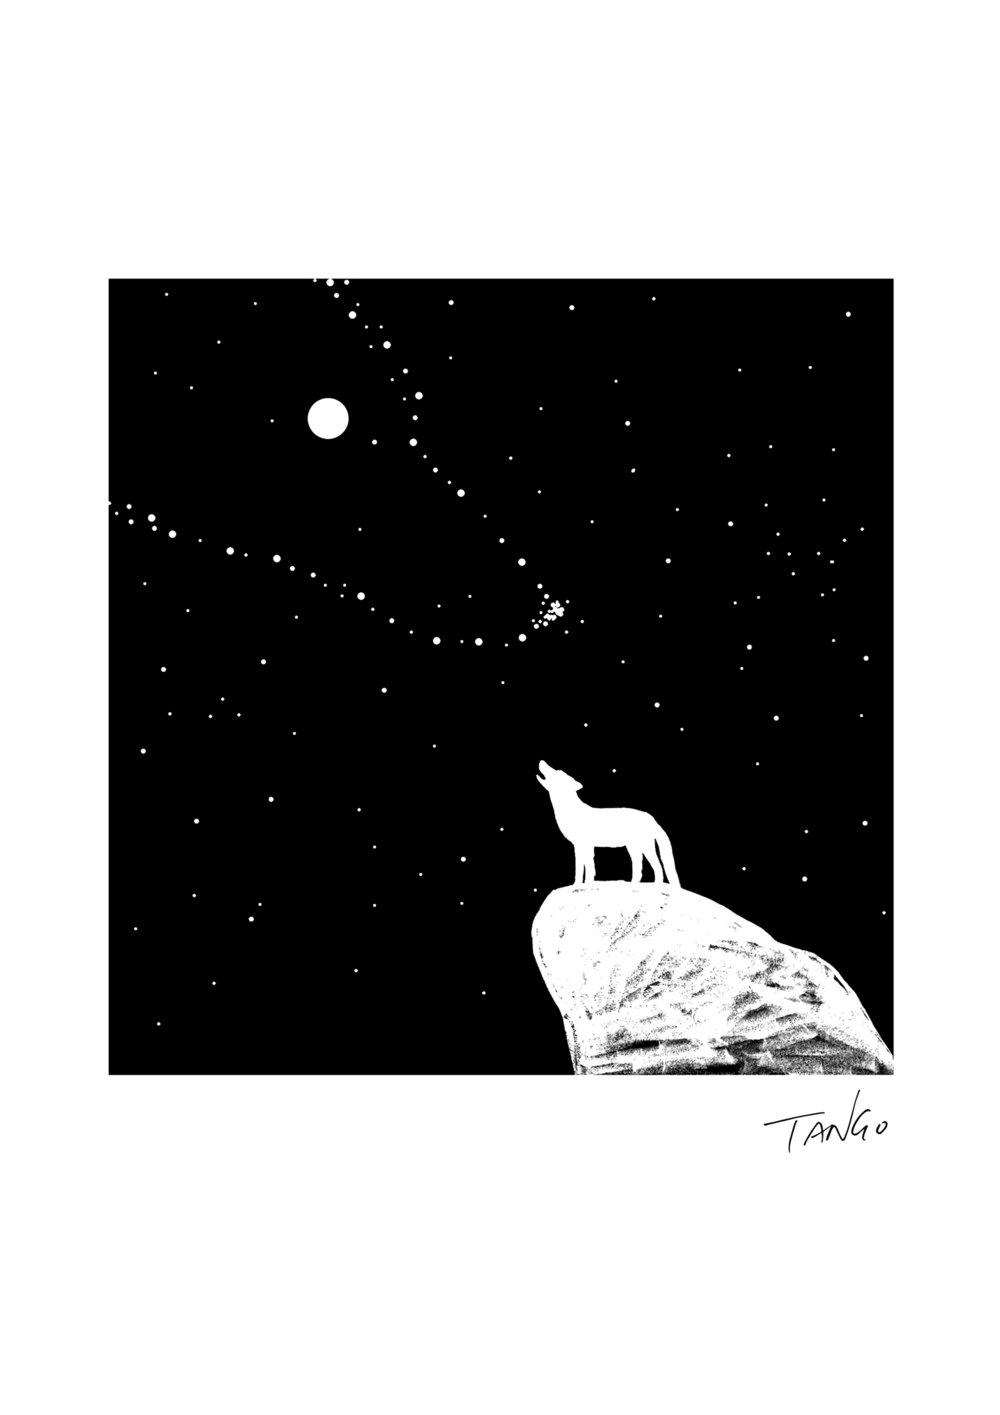 20121020 望月狼嗥是因为狼比我们看到更多的星星 拷贝.jpg